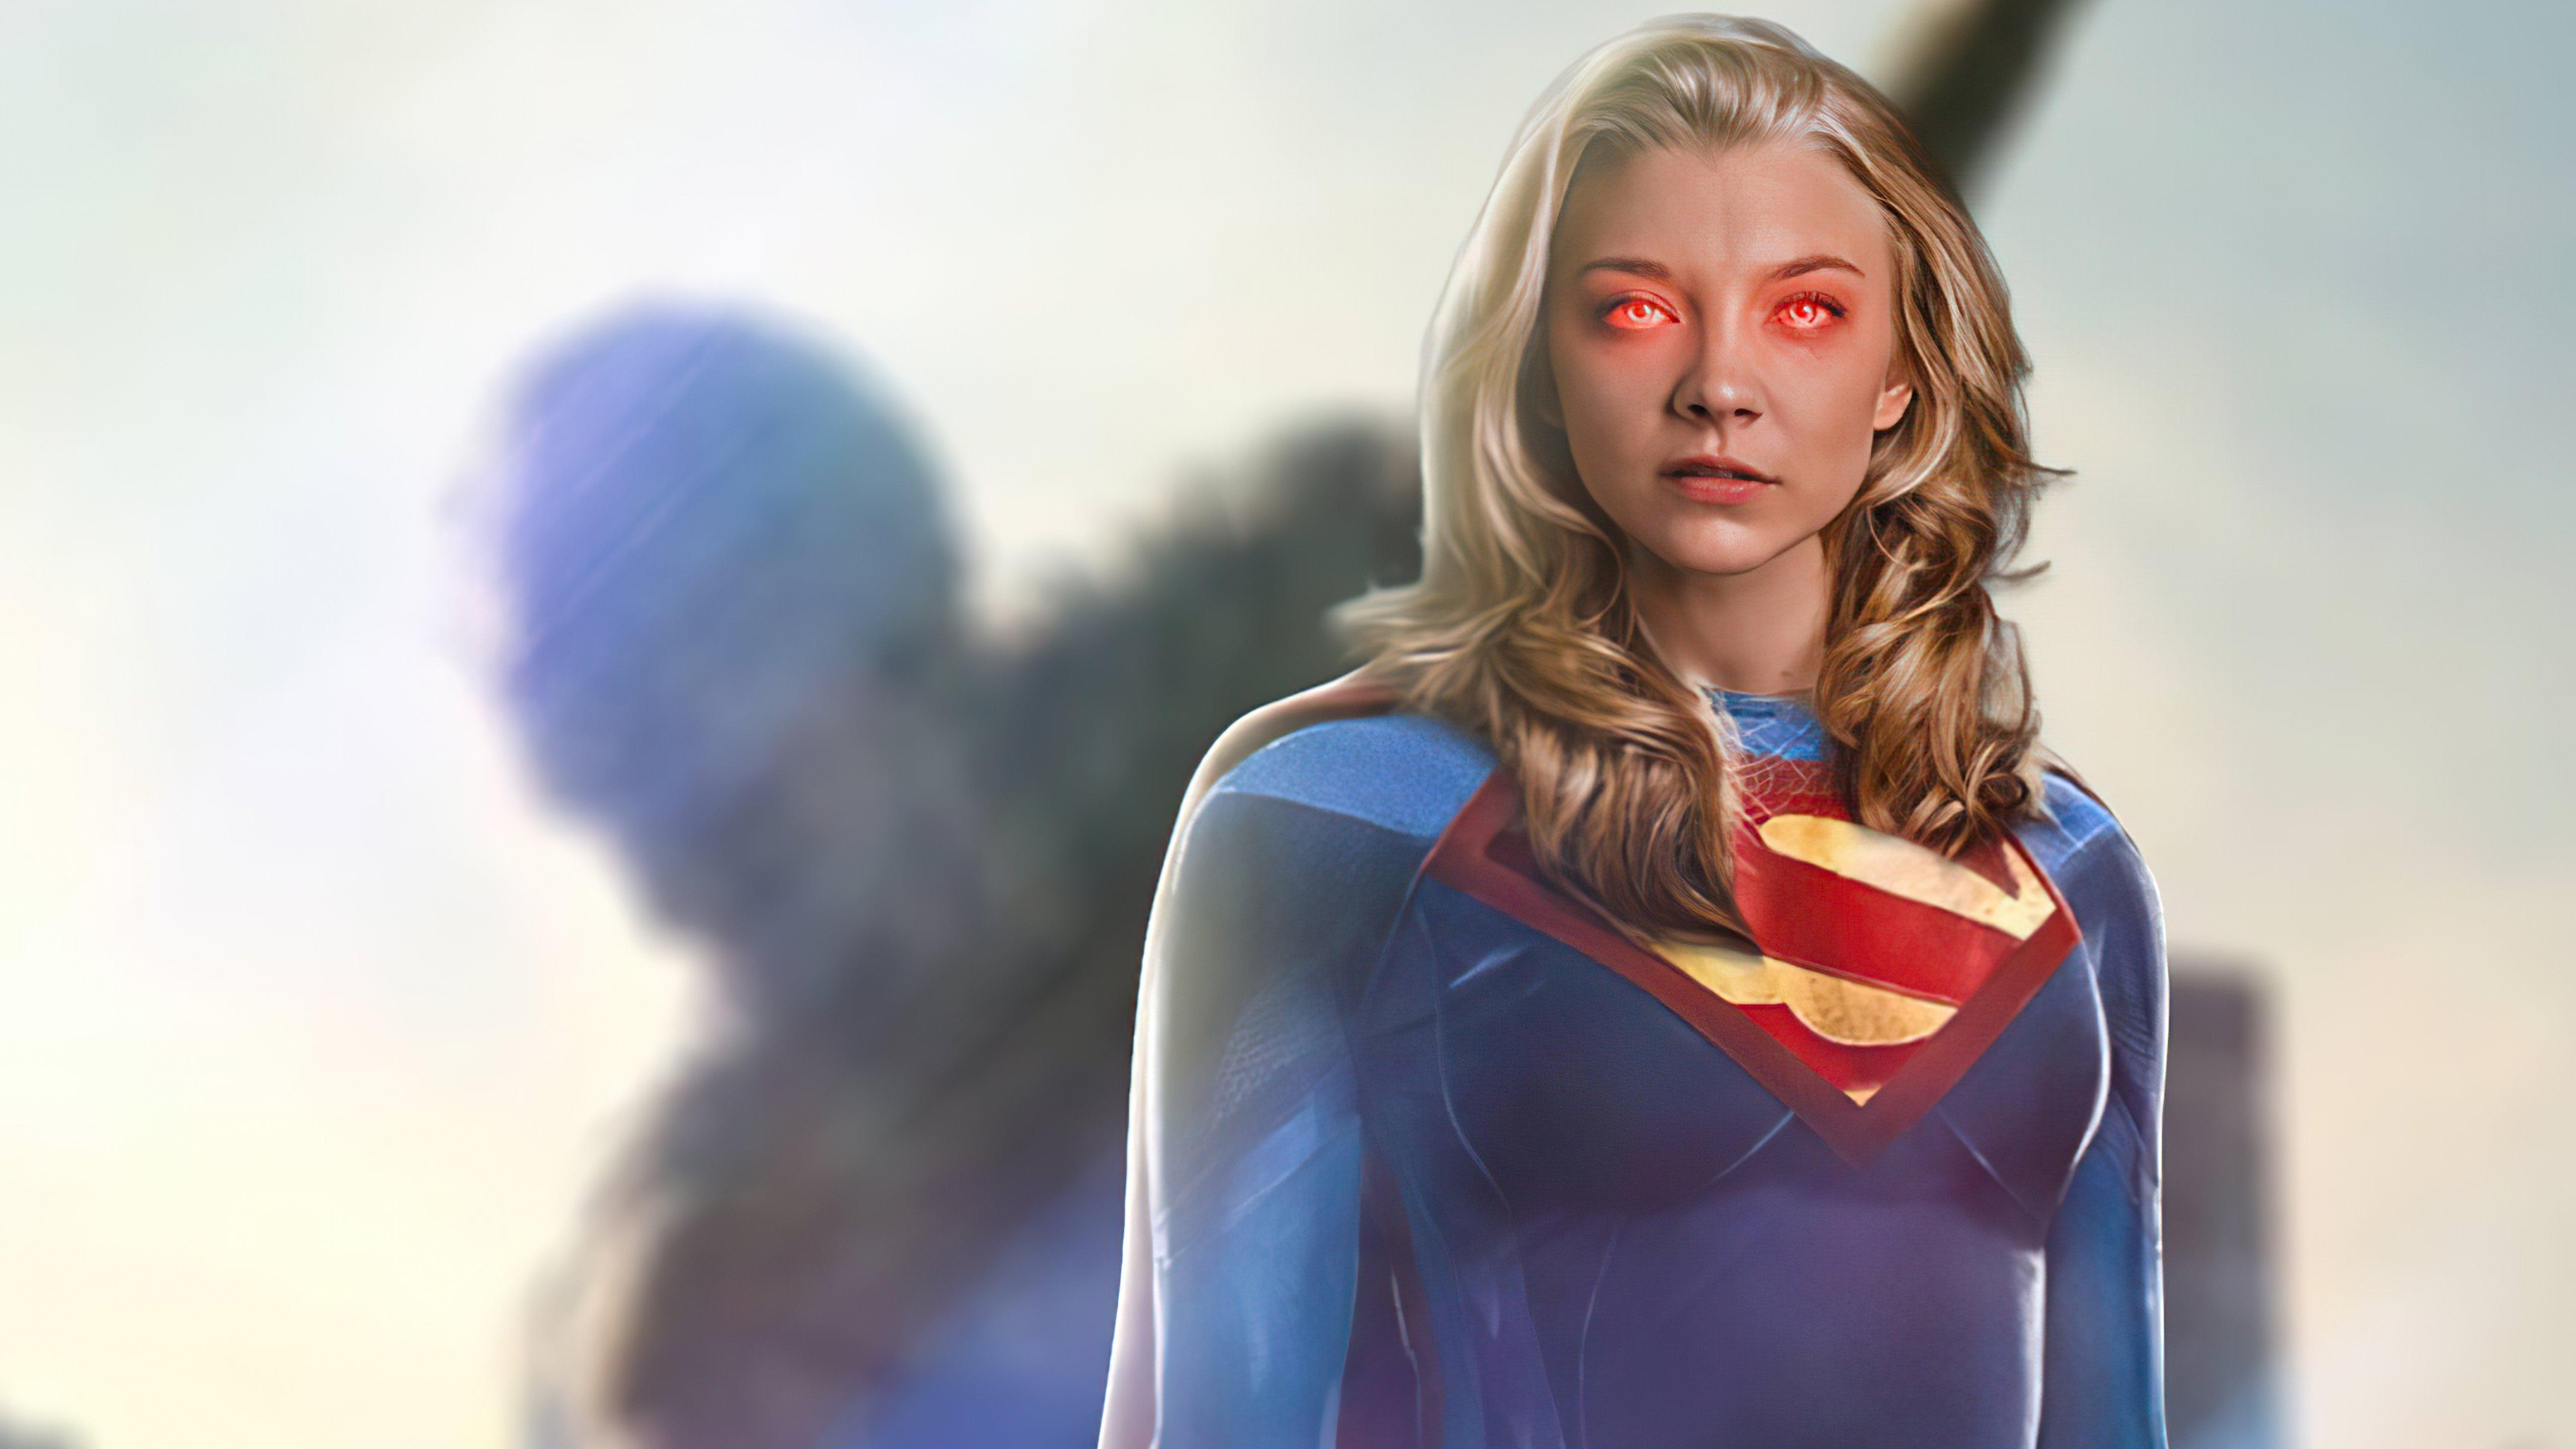 Wallpaper Natalie Dormer as Supergirl